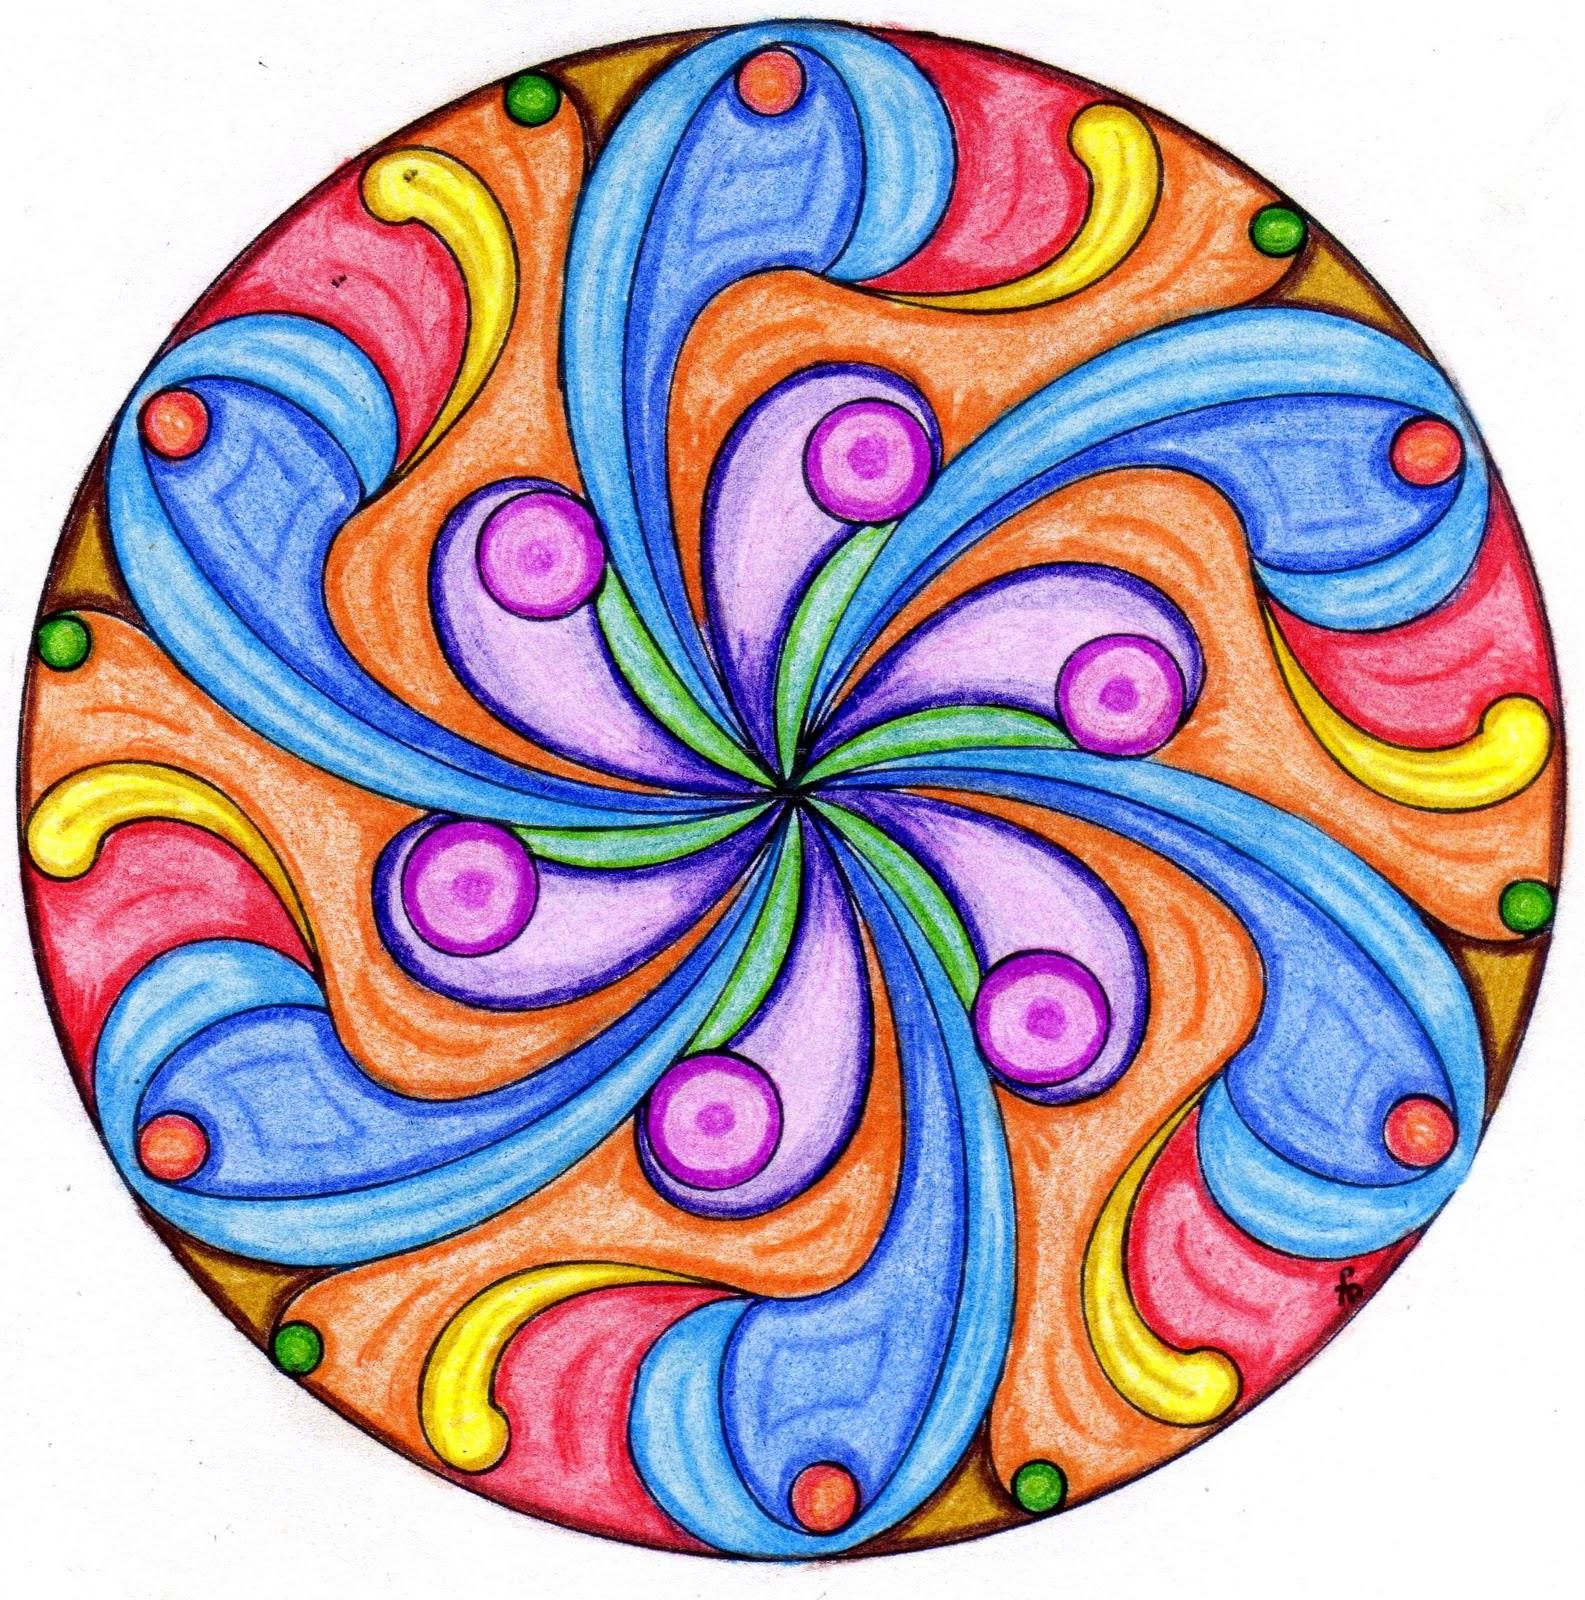 el delirio del lirium mandalas pintando dise os ajenos 1 On mandalas coloreadas